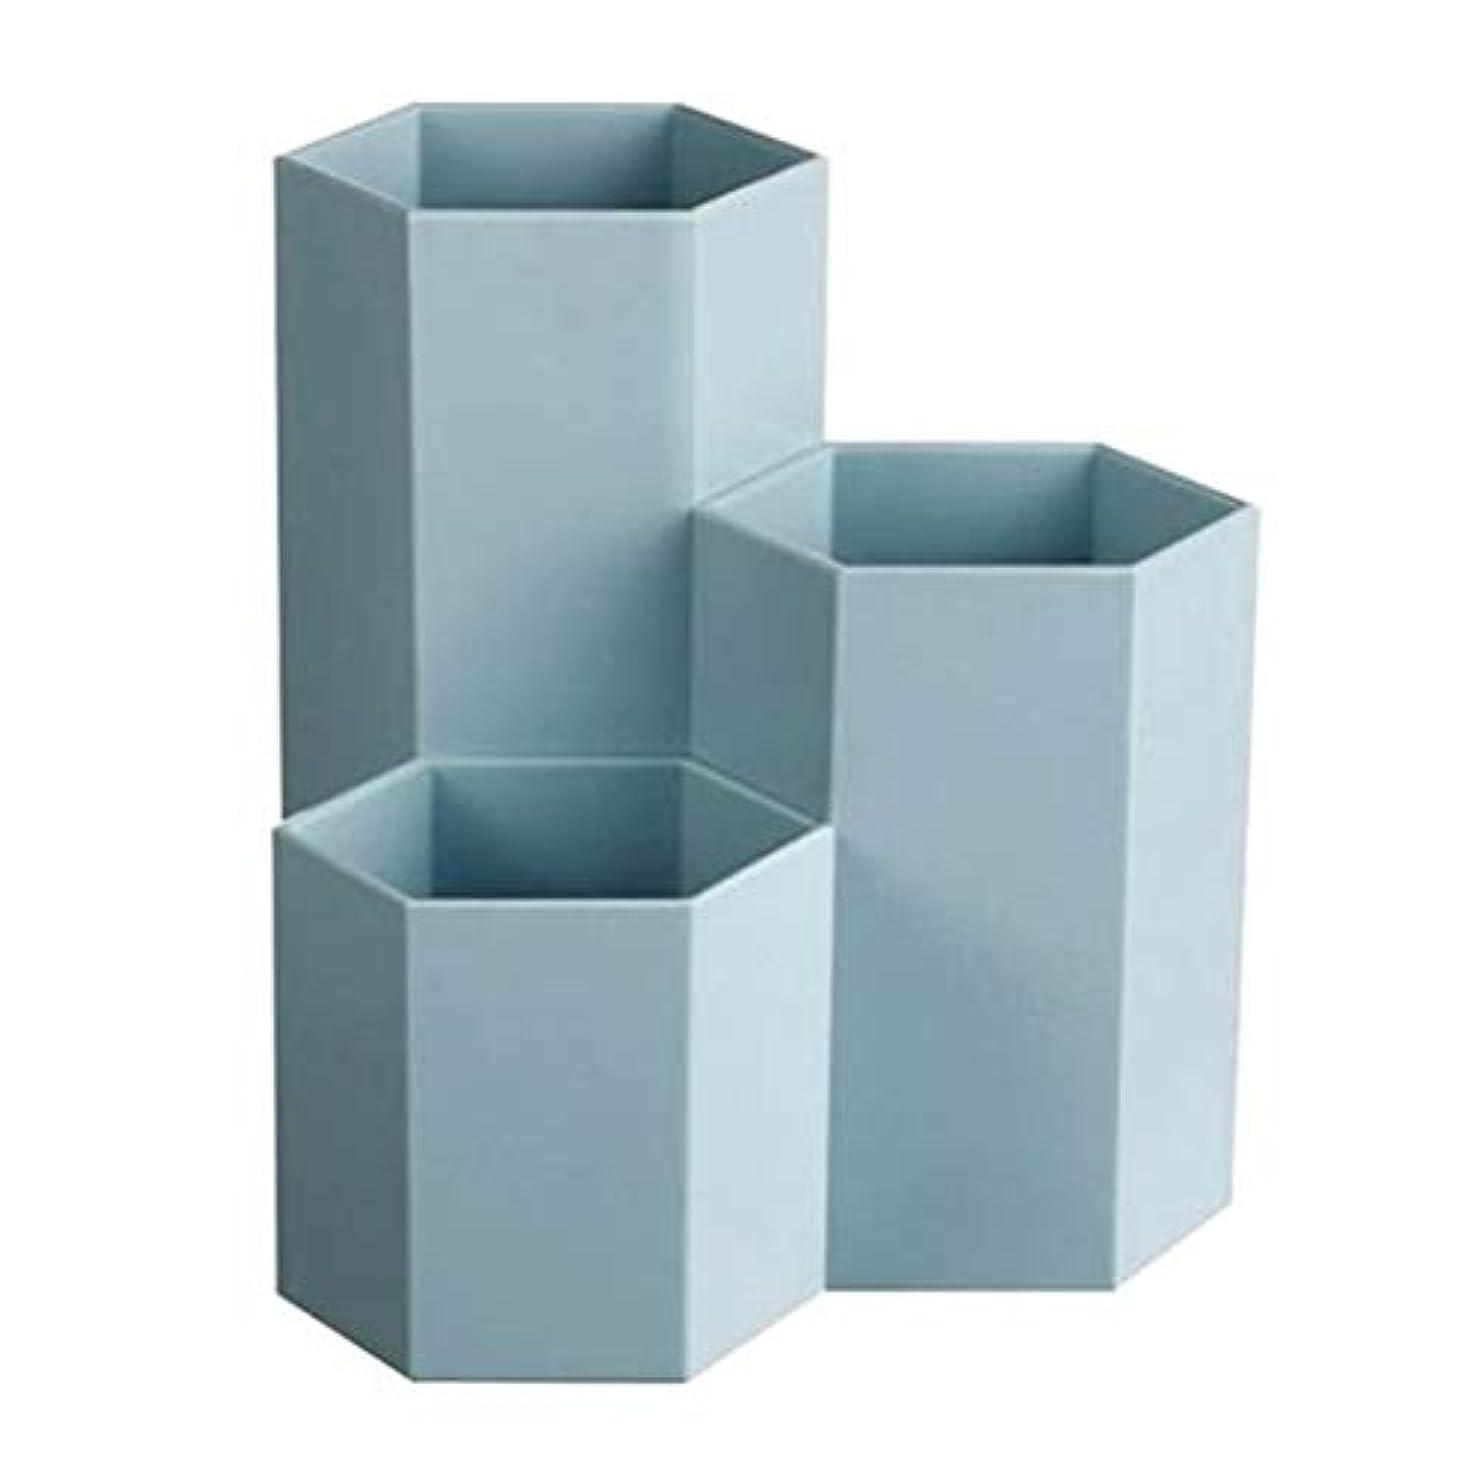 雑種検体マーカーTerGOOSE 卓上収納ケース メイクブラシケース メイクブラシスタンド メイクブラシ収納ボックス メイクケース ペンホルダー 卓上文房具収納ボックス ペン立て 文房具 おしゃれ 六角 3つのグリッド 大容量 ブルー